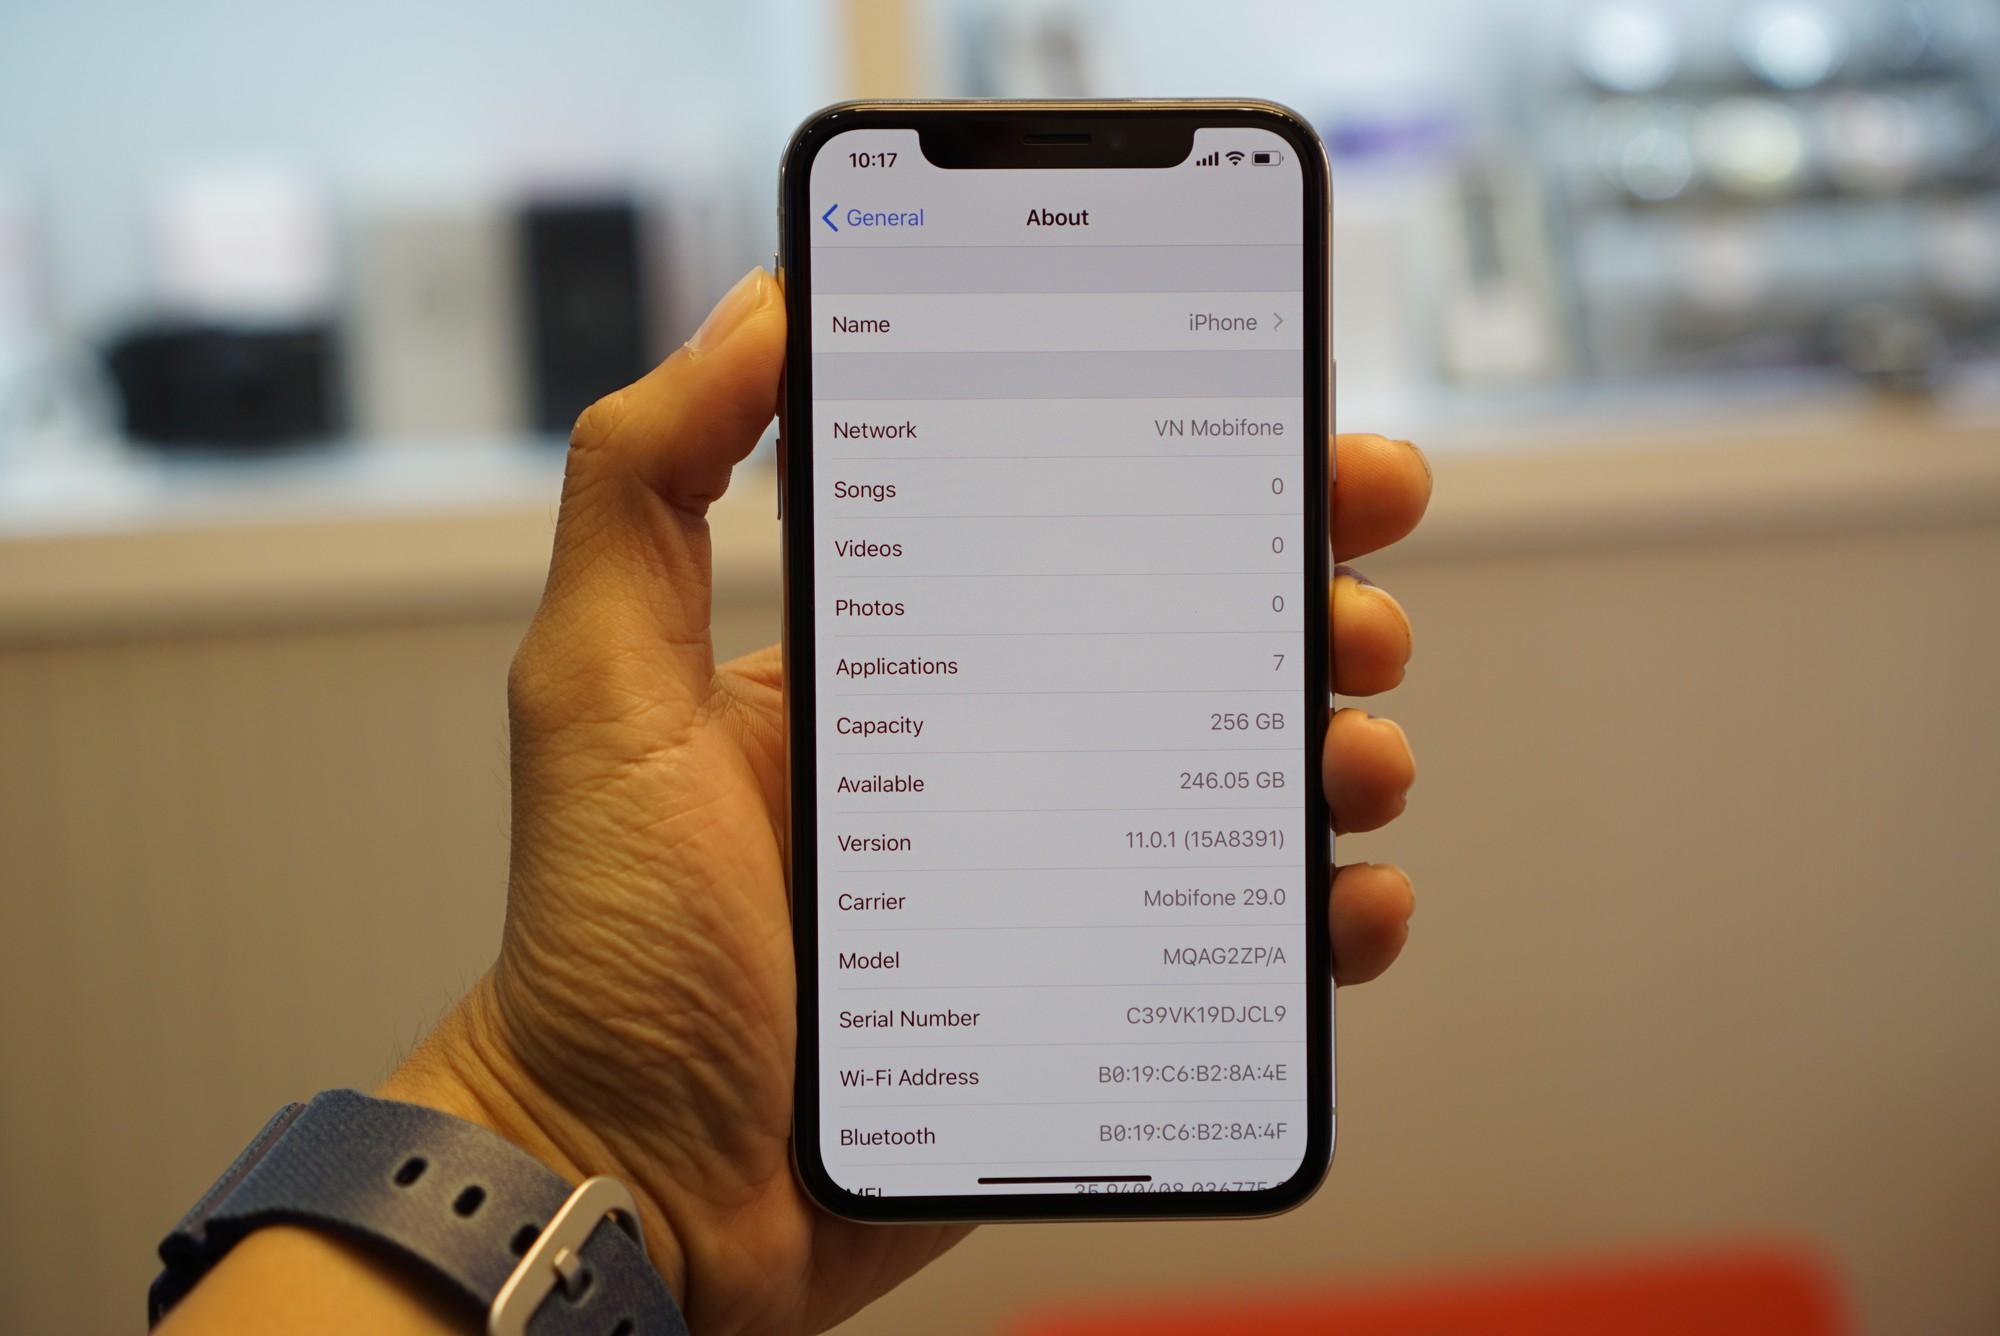 iPhone X giá 68 triệu đây rồi: Màn hình đẹp sắc sảo, thiết kế toàn diện, thao tác hoàn toàn mới - Ảnh 10.